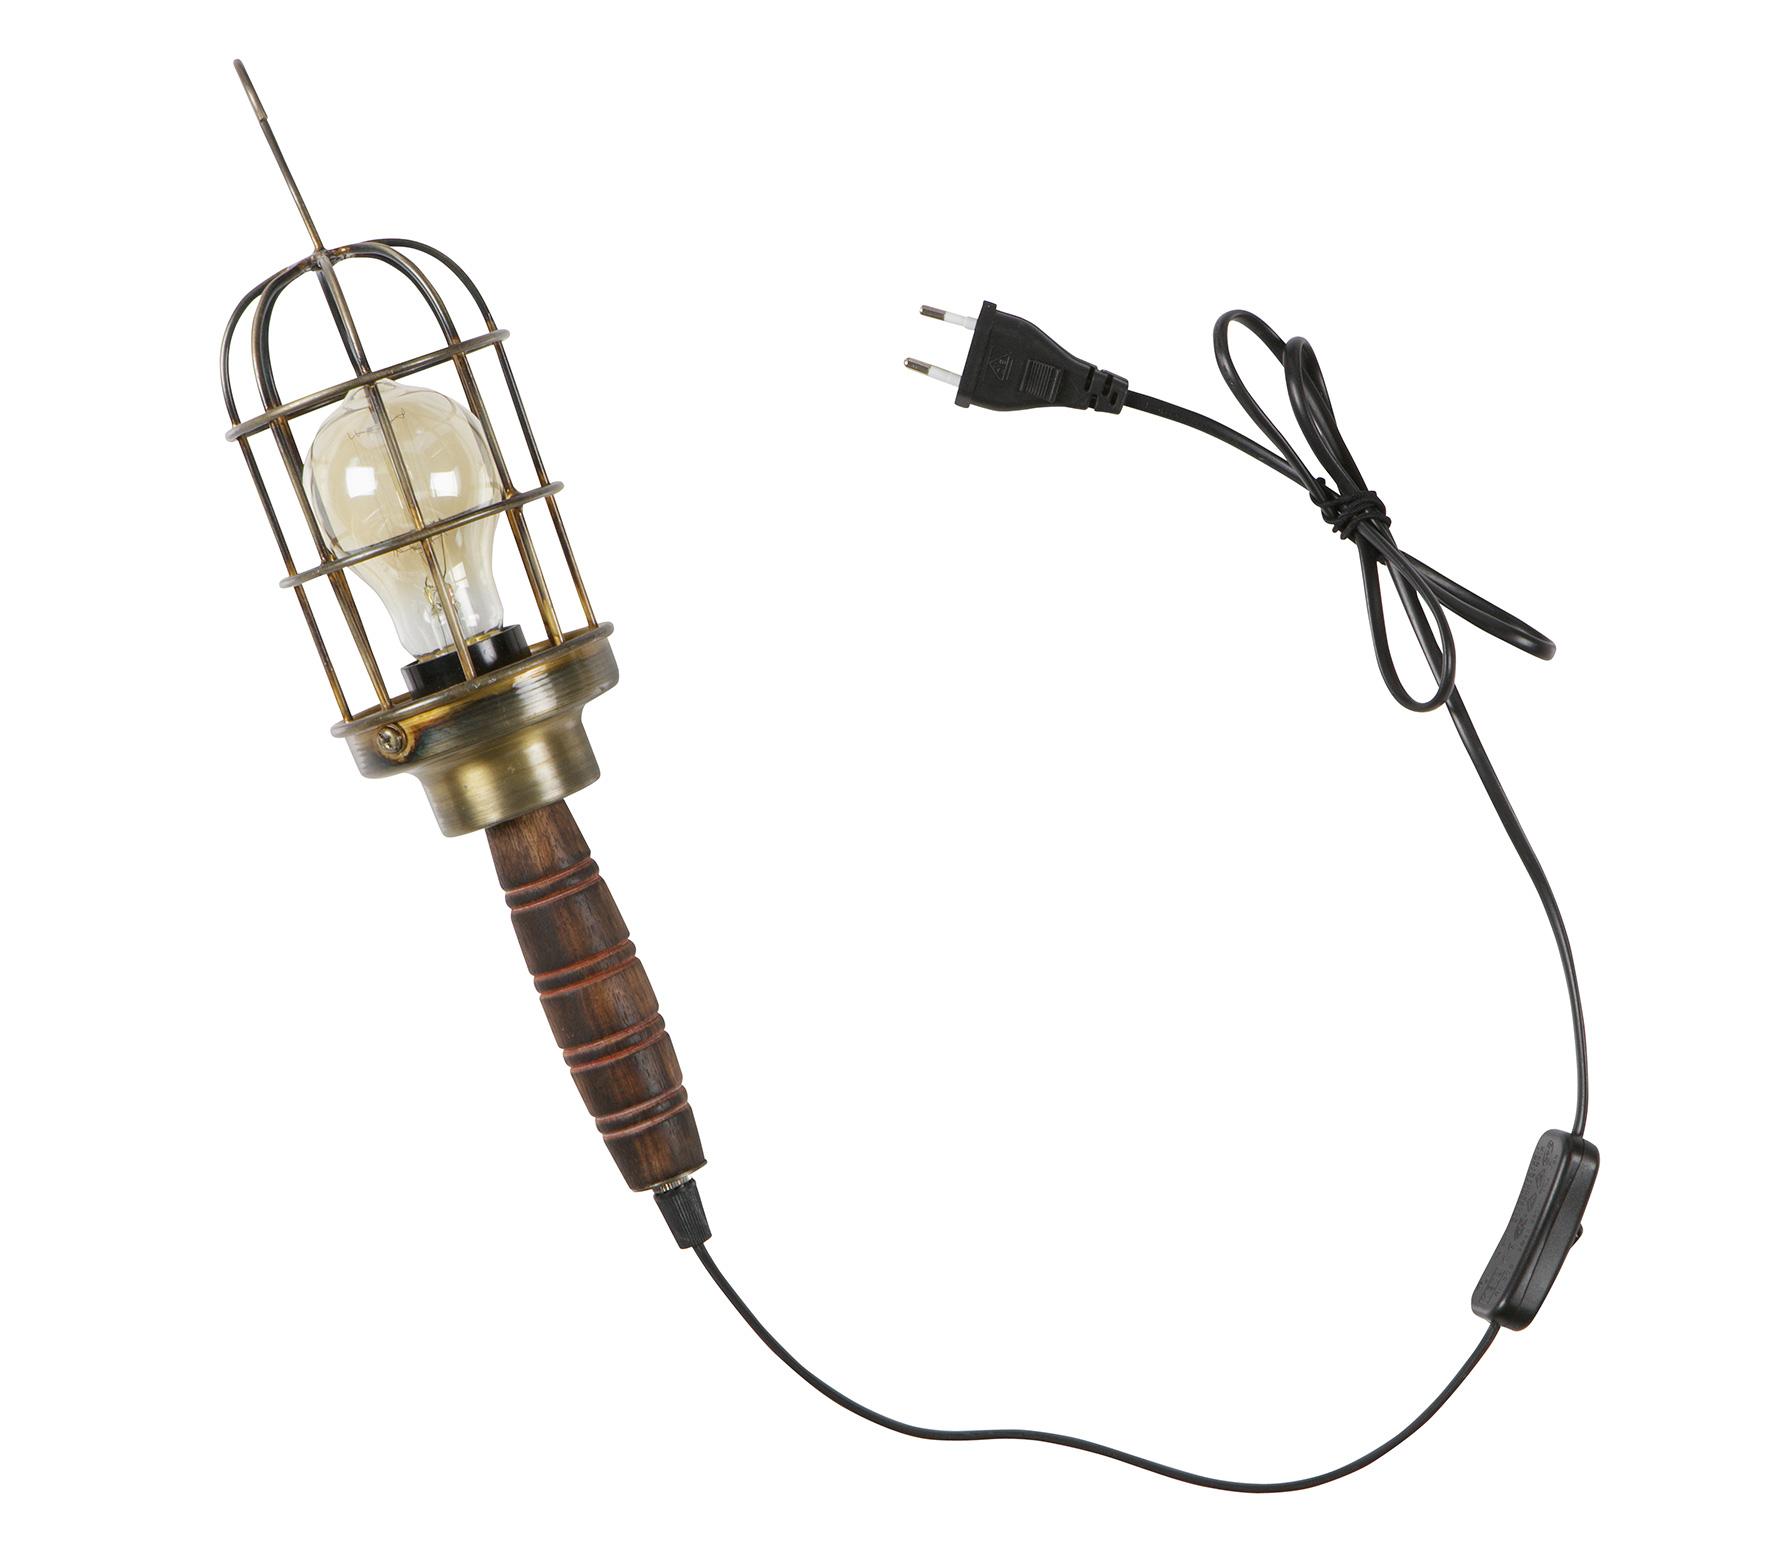 Bepurehome Mine Lamp Metaal - Antique Brass